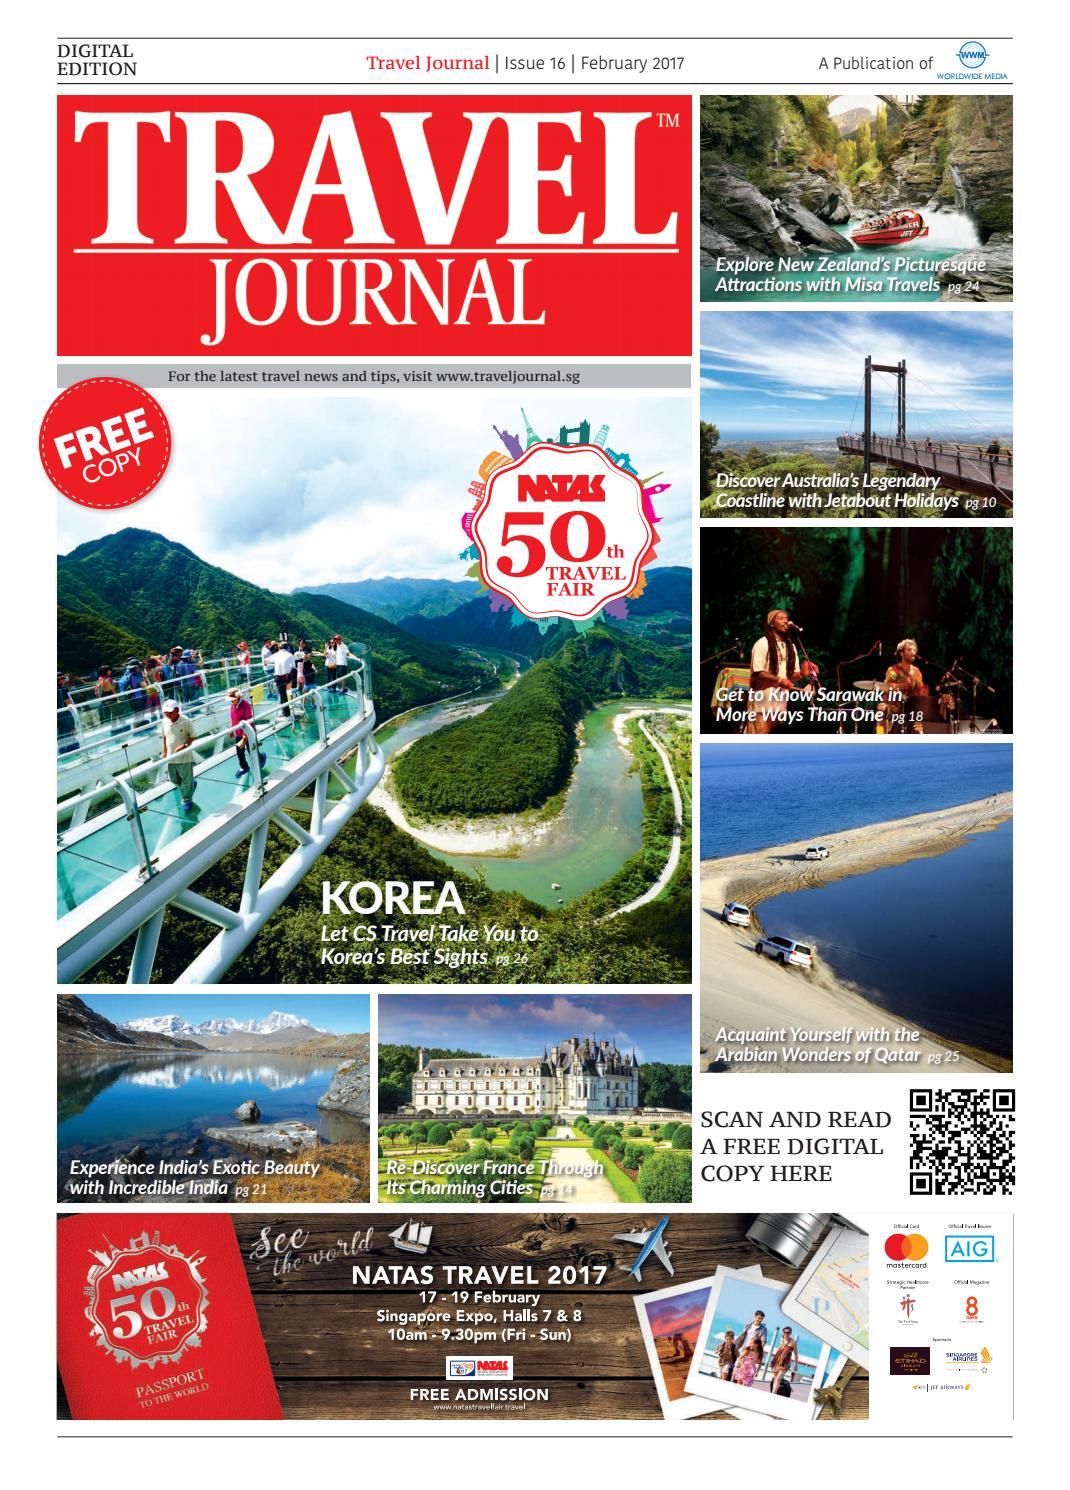 Travel Journal February 2017 By Wwmsg Issuu 8d Muslim Beijing Suzhou Hangzhou Shanghai